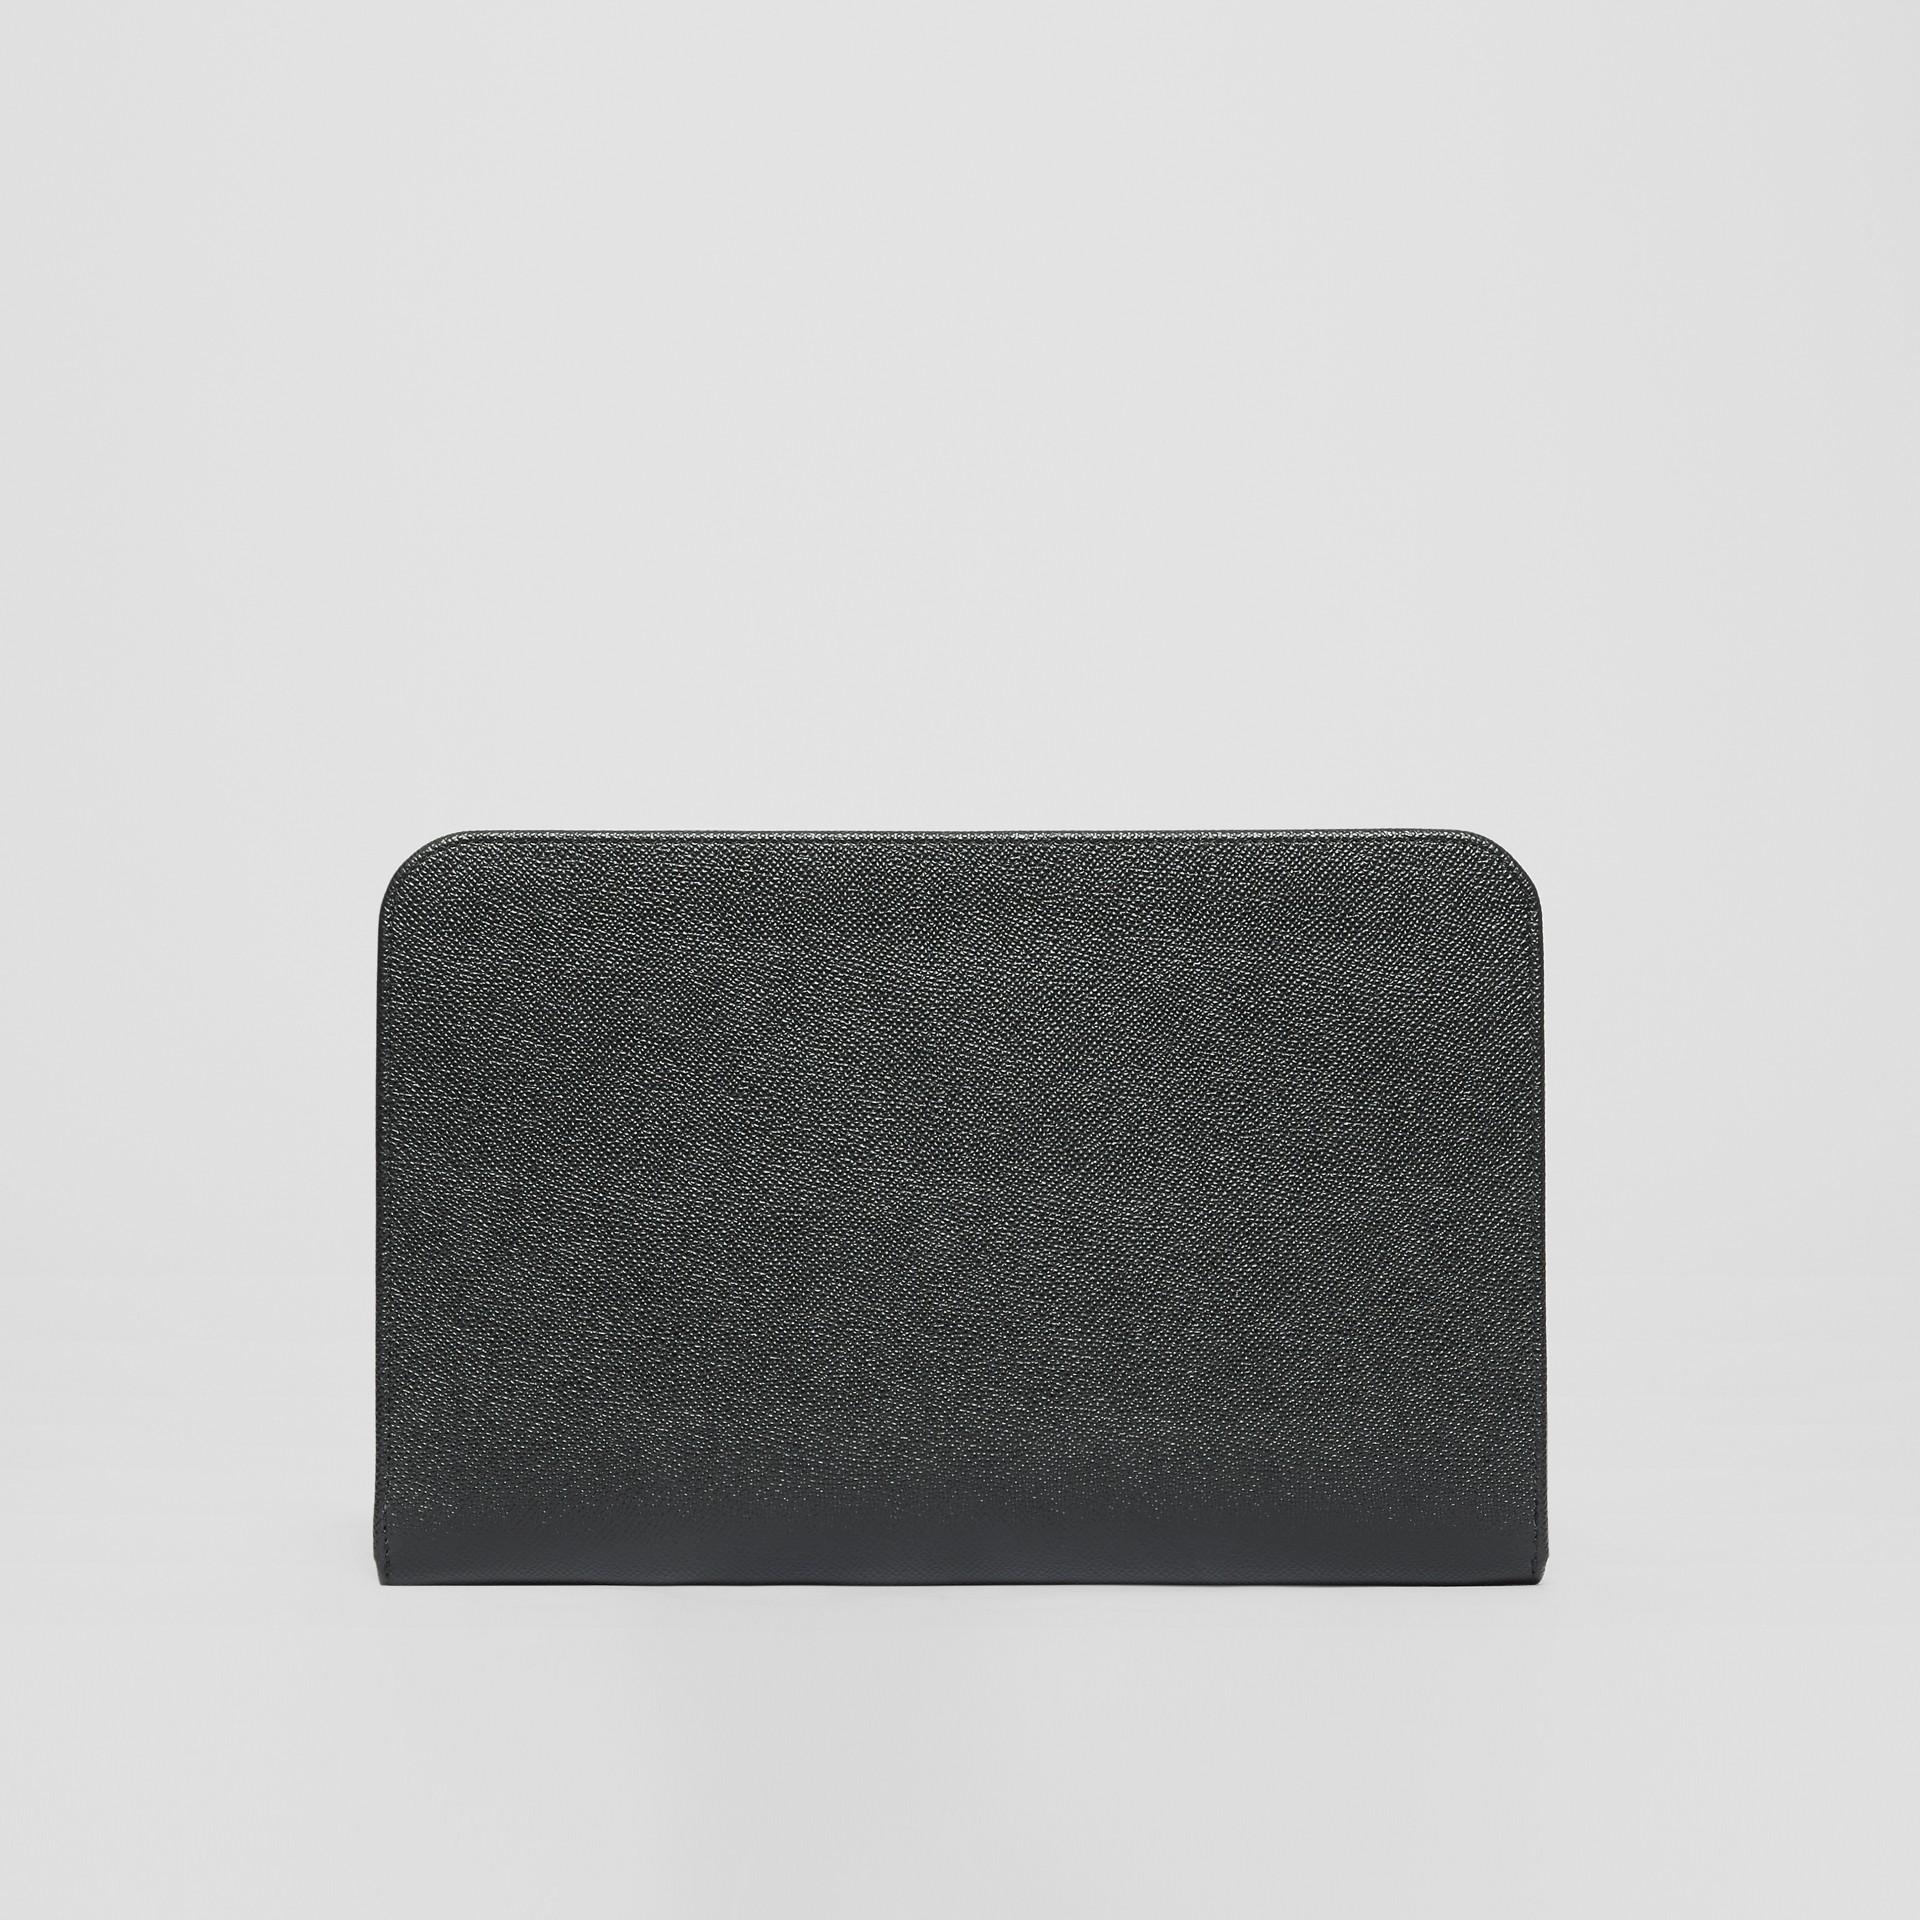 그레이니 레더 지퍼라운드 파우치 (블랙) | Burberry - 갤러리 이미지 9